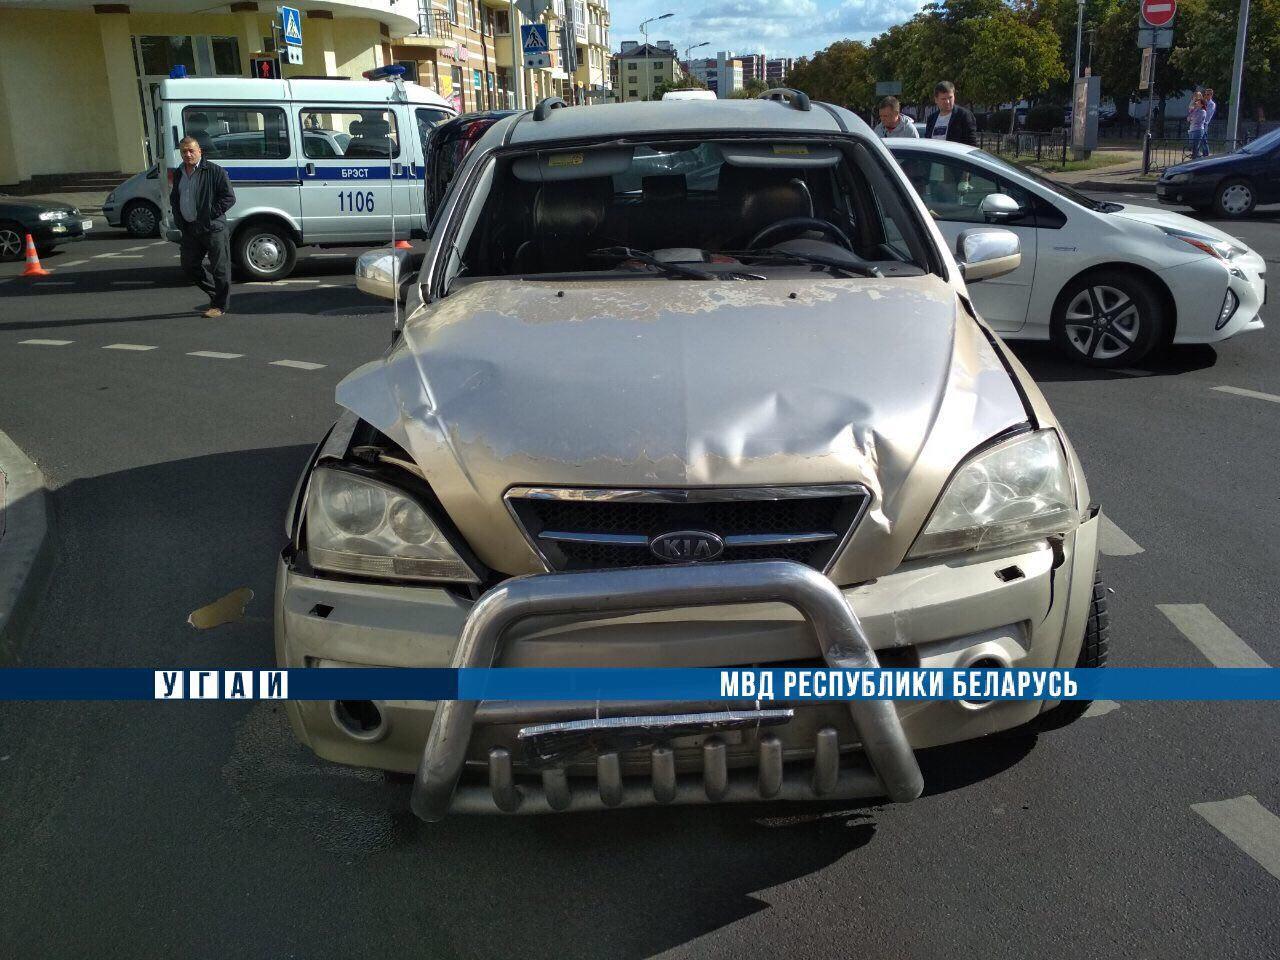 В ГАИ рассказали о подробностях ДТП на бульваре: пострадала пассажирка